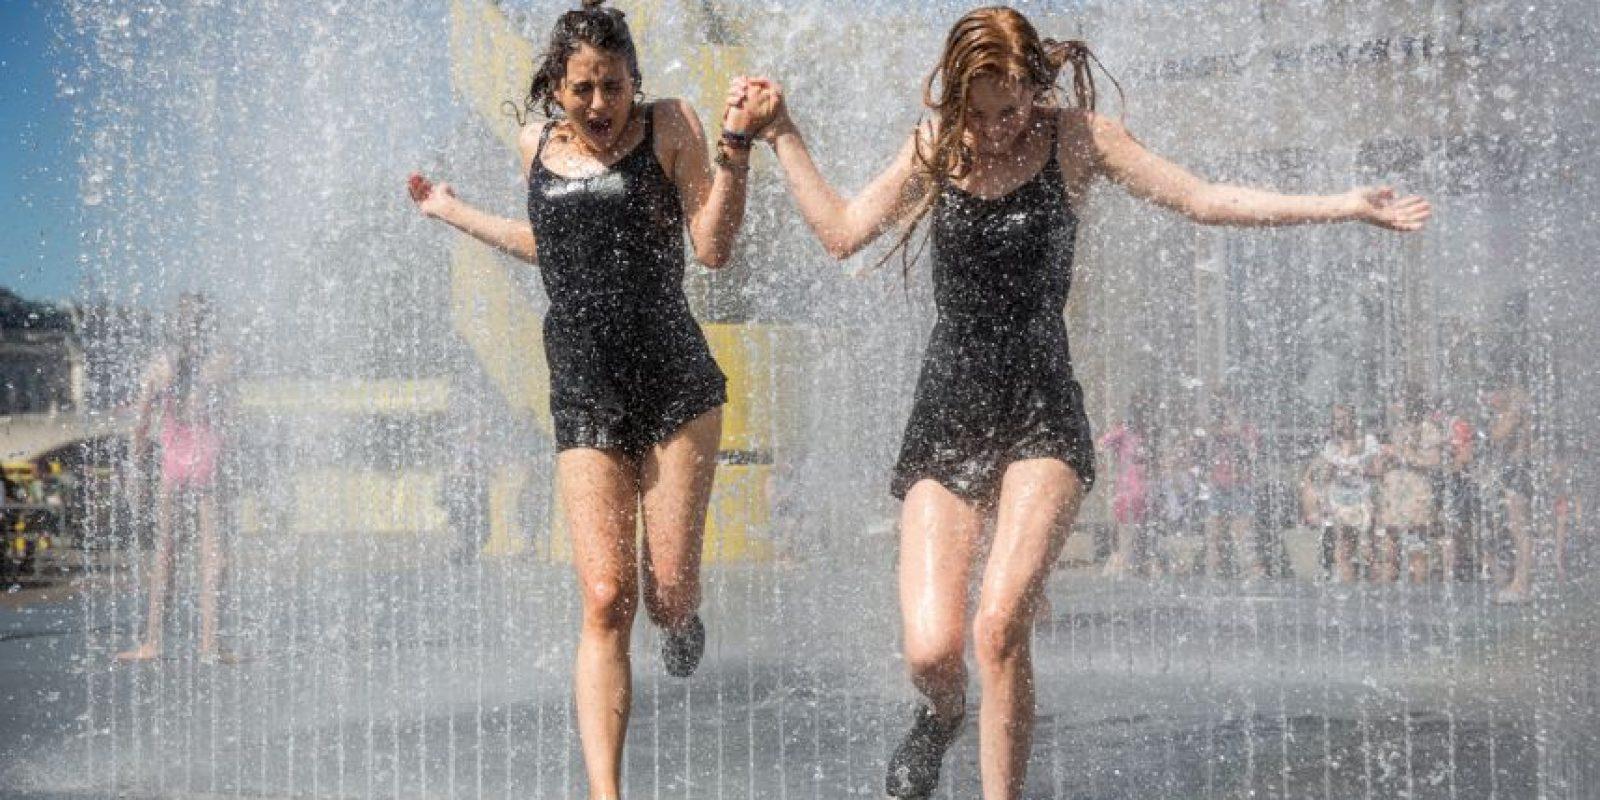 Varios países de Europa emitieron este miércoles alertas meteorológicas debido a la ola de calor. Foto:Getty Images